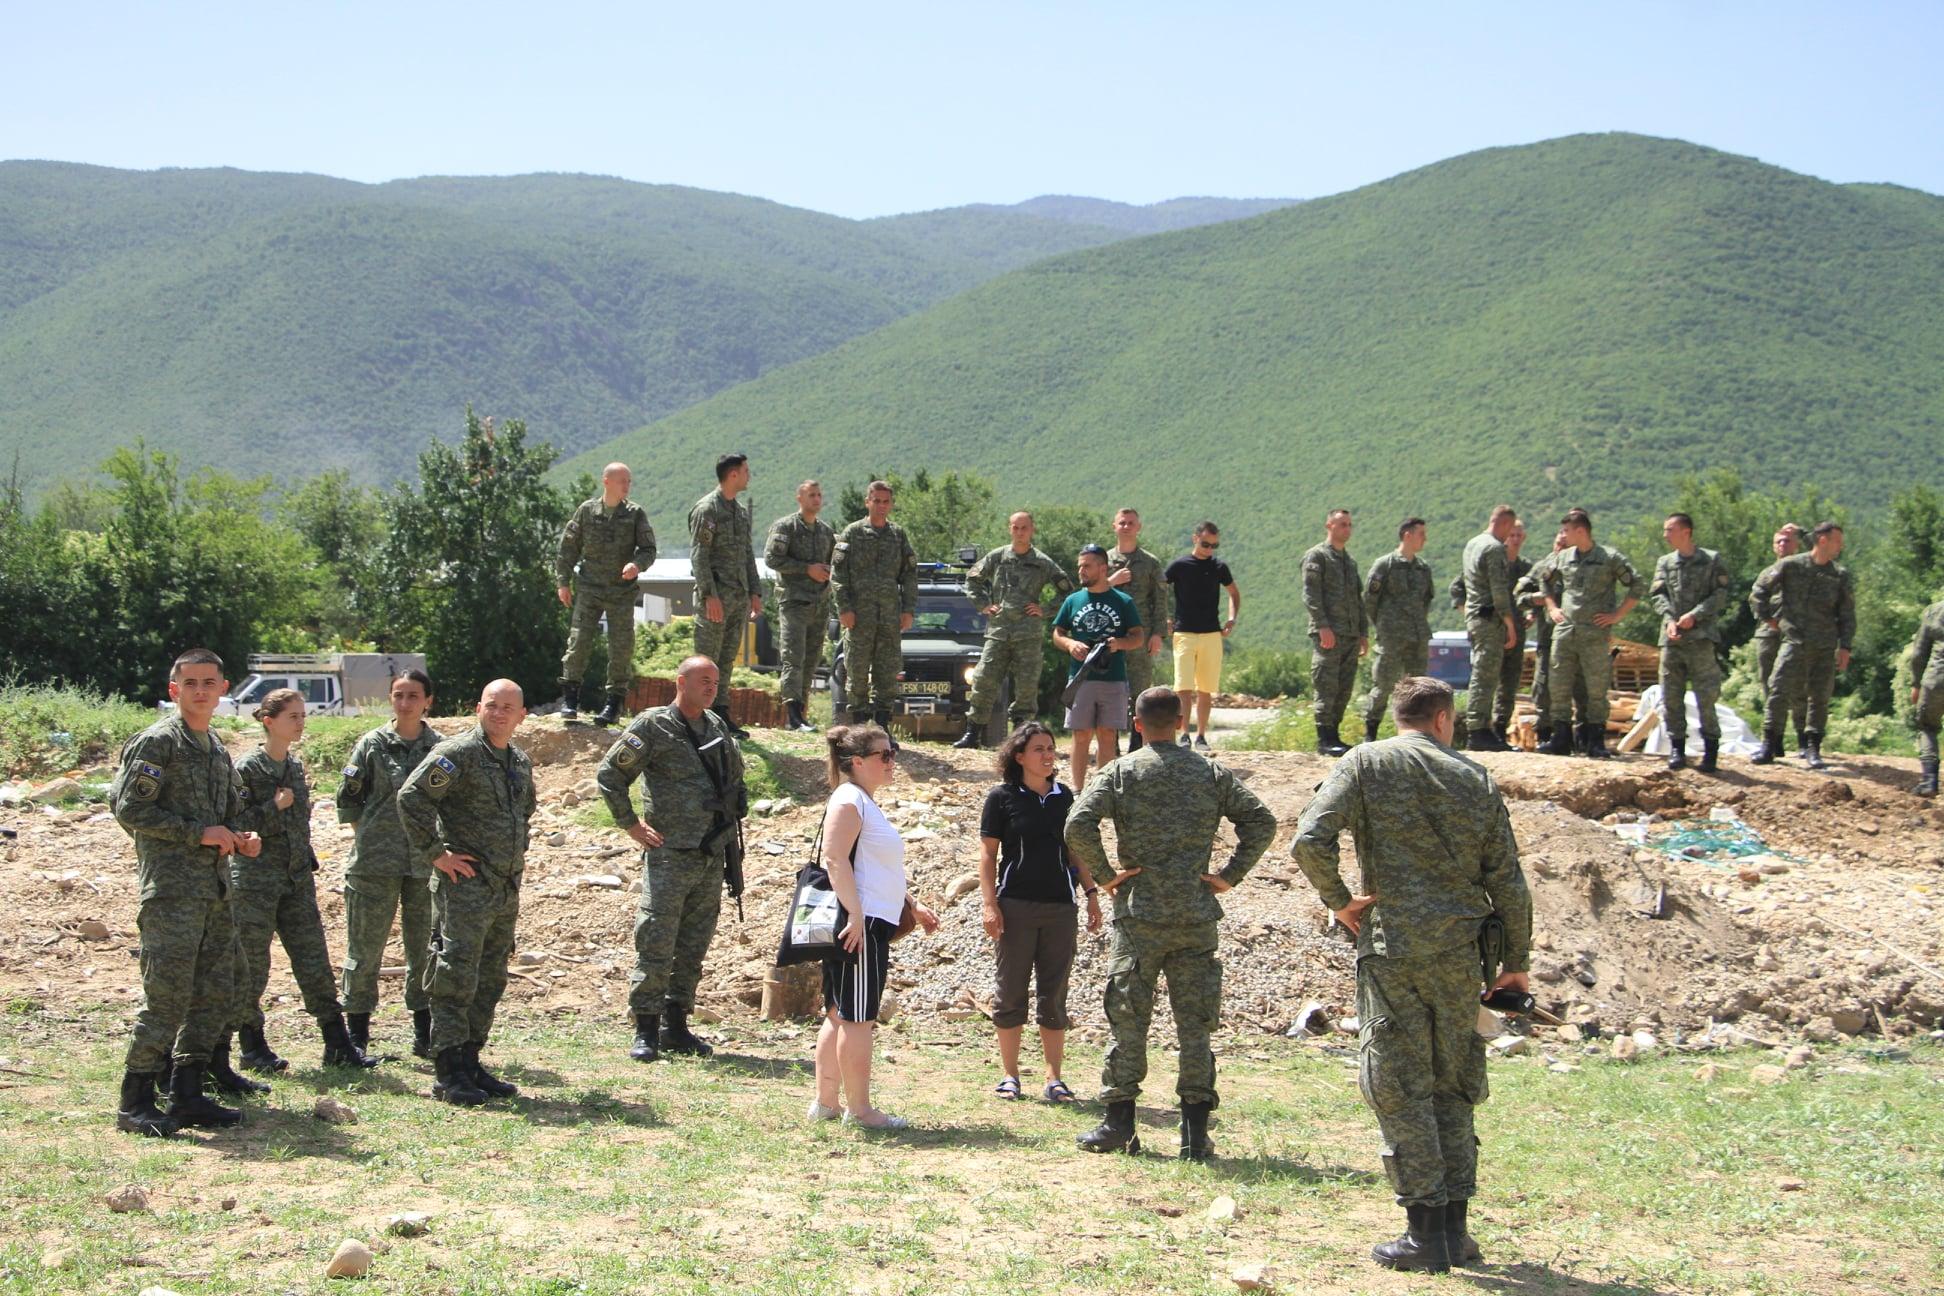 FOTO/ Forcat e FSK dhe vullnetarë nga Shqipëria e Kosova, pastrojnë bregun e Drinit të Bardhë